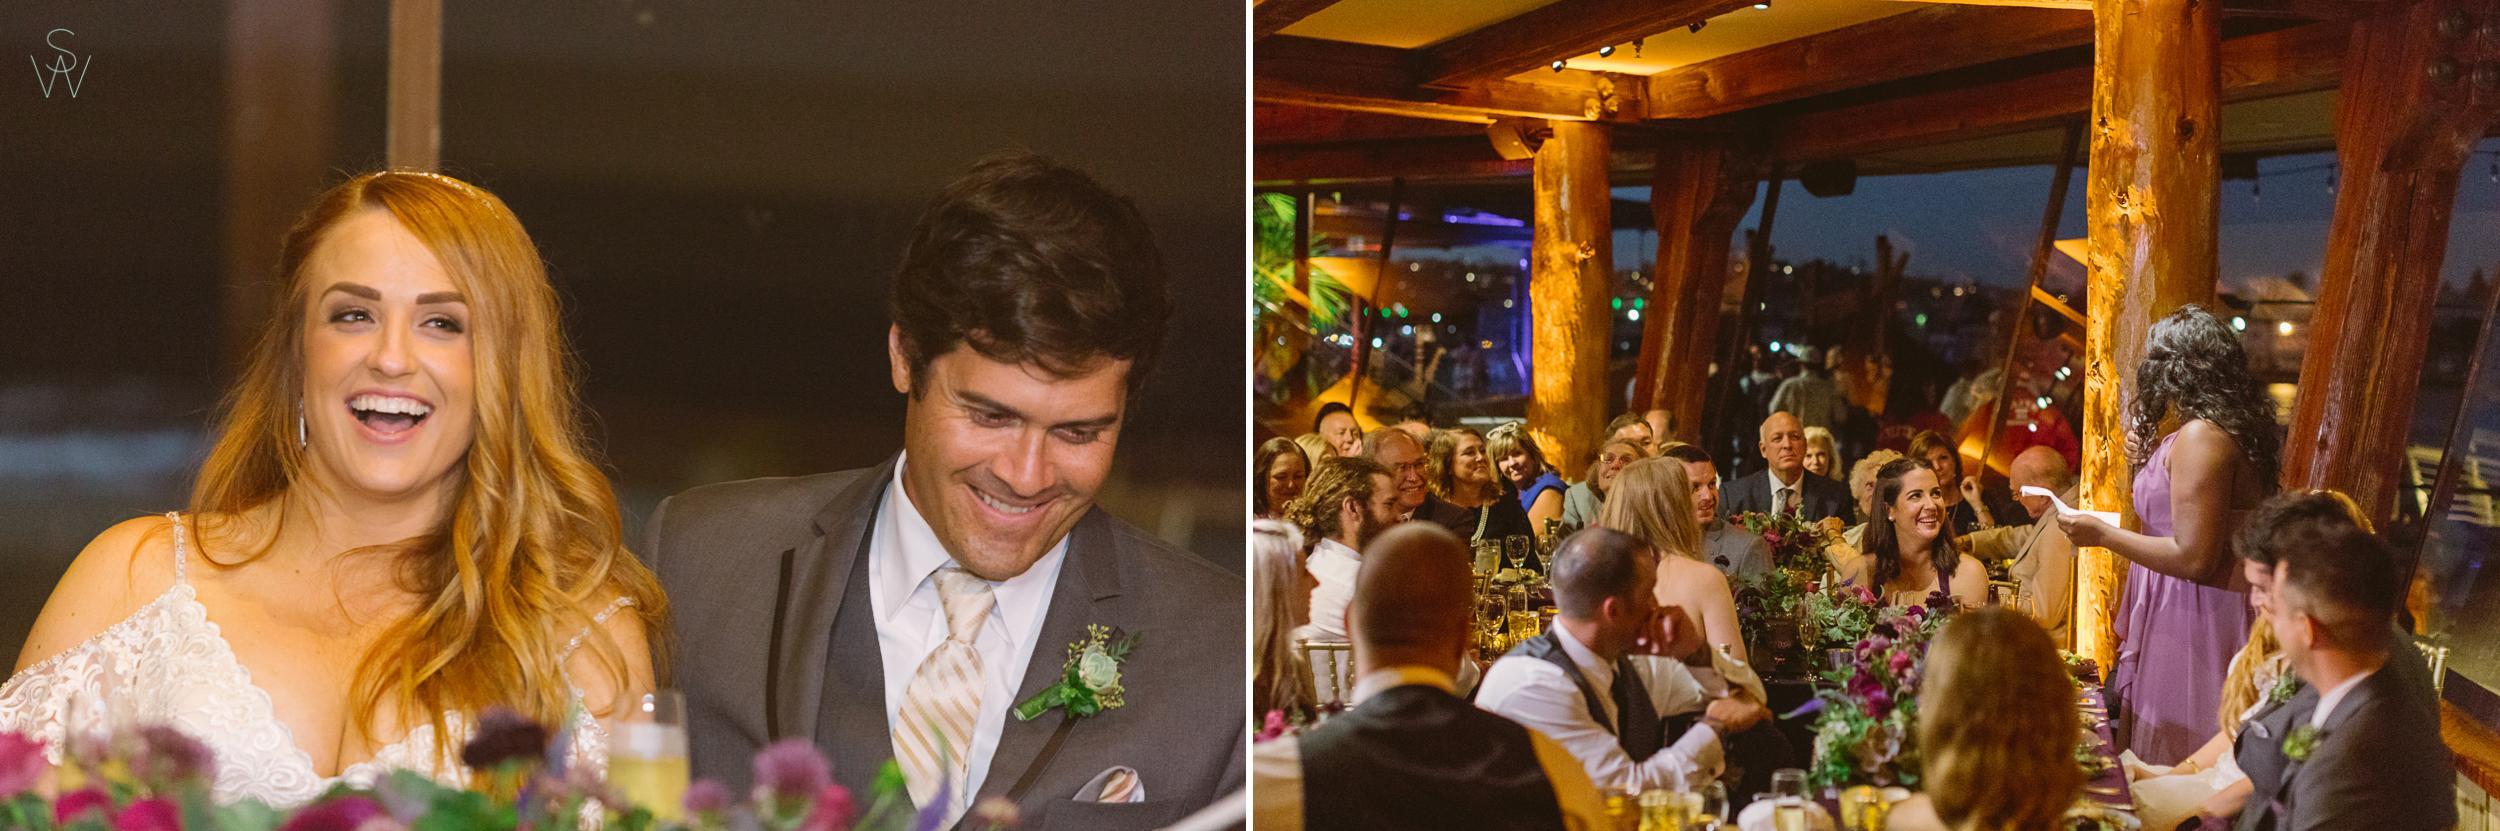 190San.diego.wedding.shewanders.photography.JPG